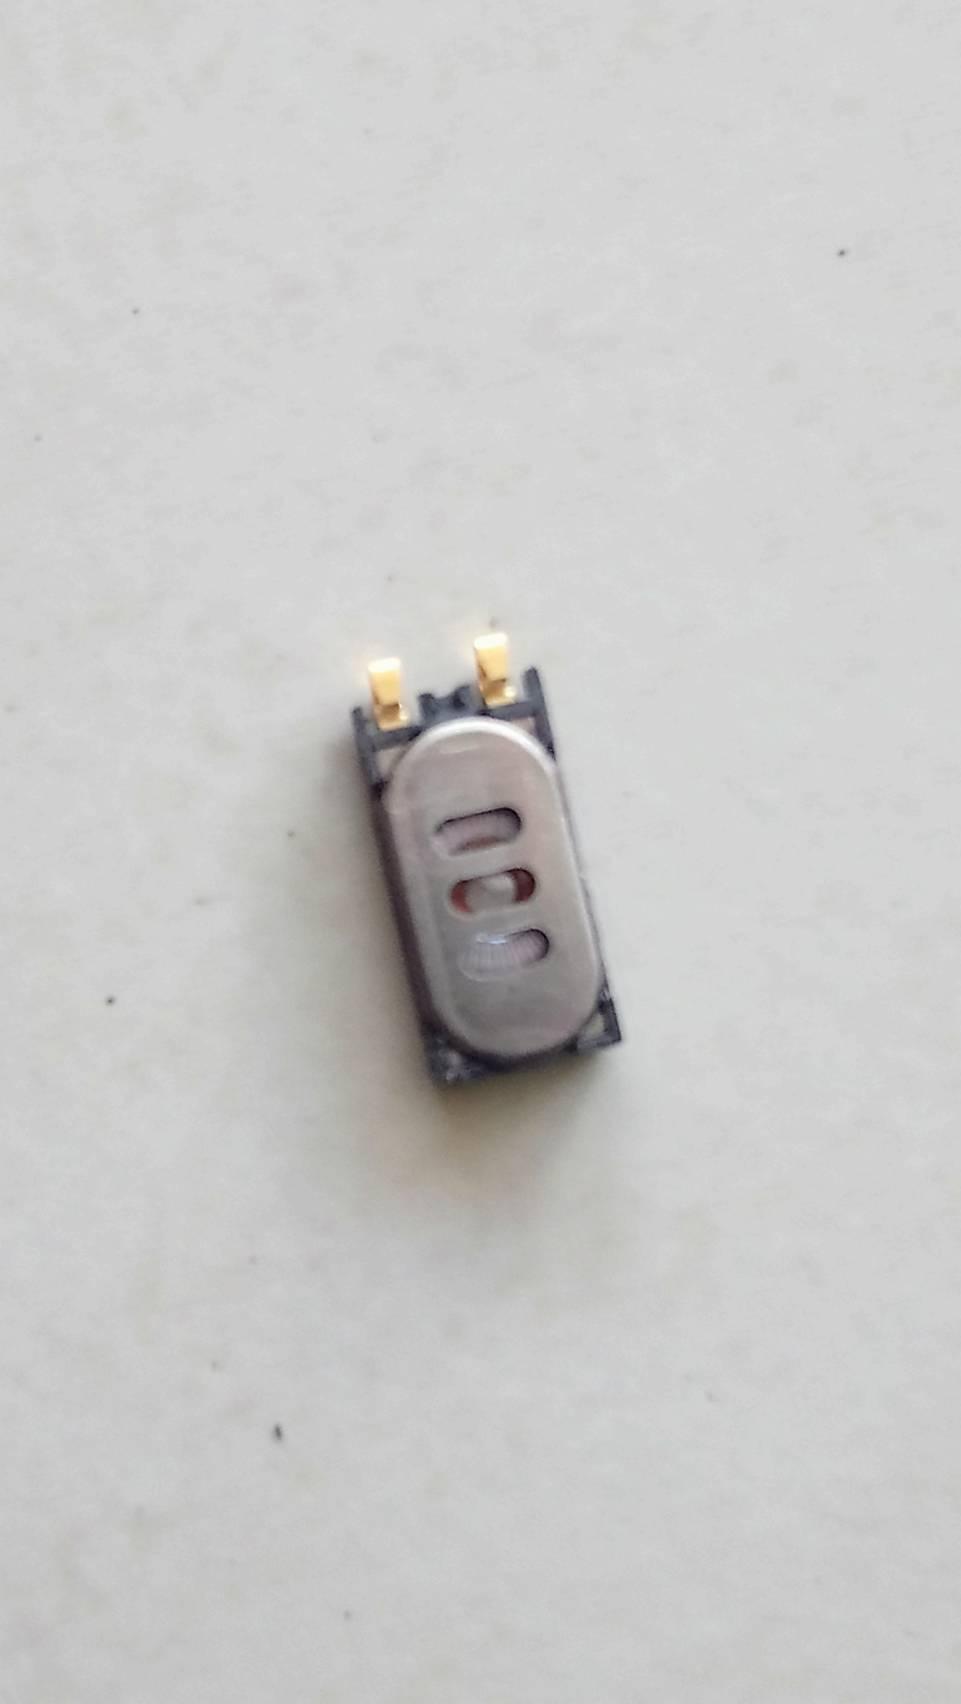 ลำโพงหน้า LG G3 Stylus D690 มือสอง